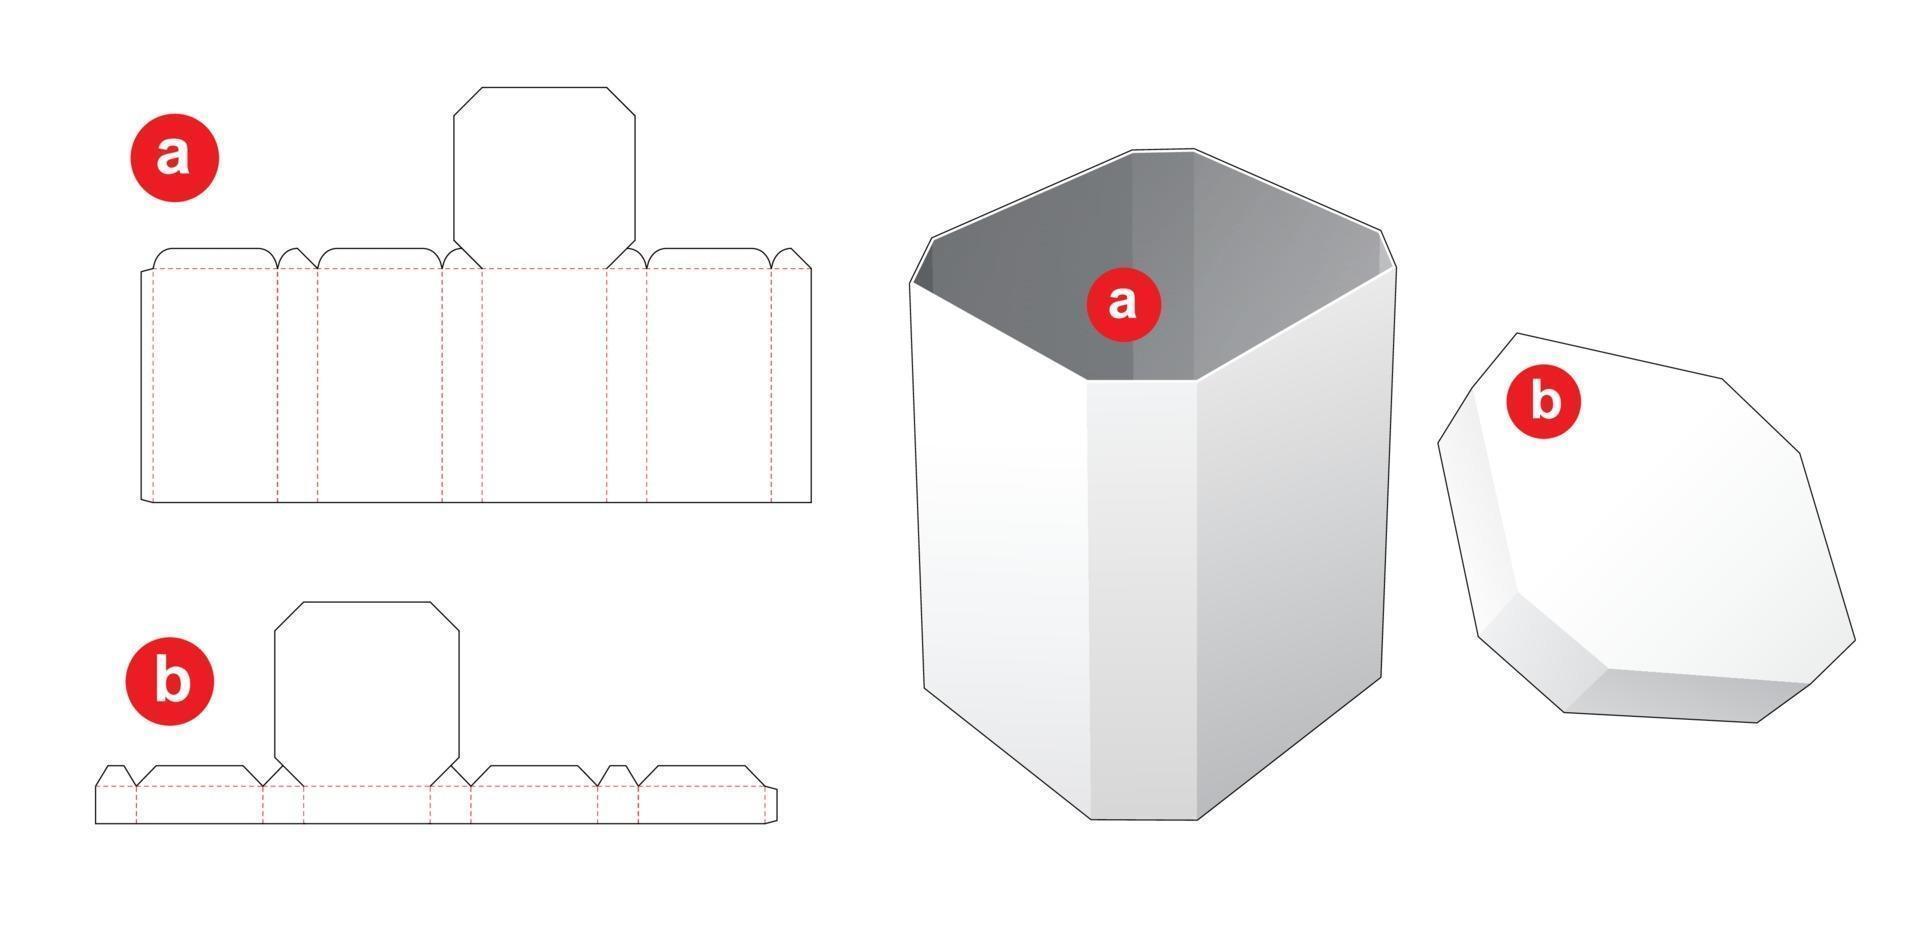 caixa de canto chanfrado com molde de corte de molde de tampa de canto chanfrado vetor